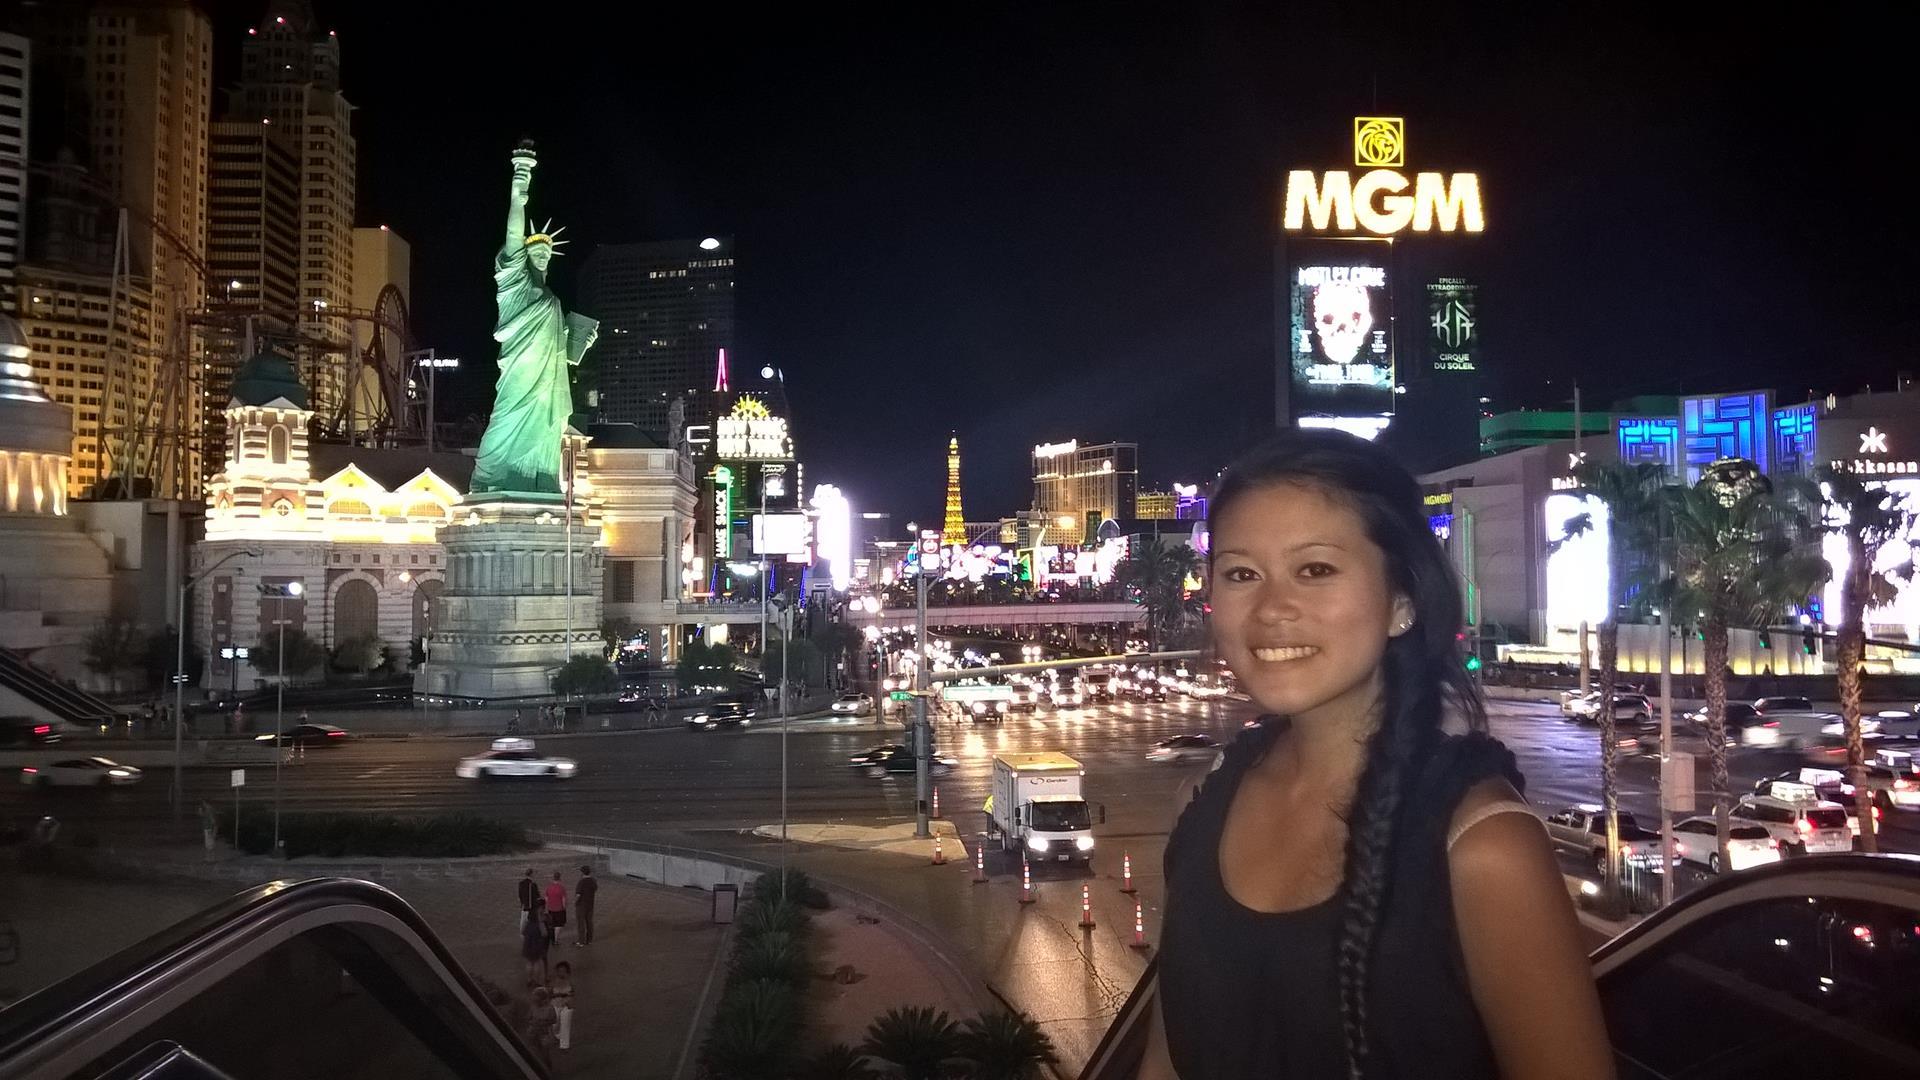 Es ist spät geworden auf dem Strip in Las Vegas